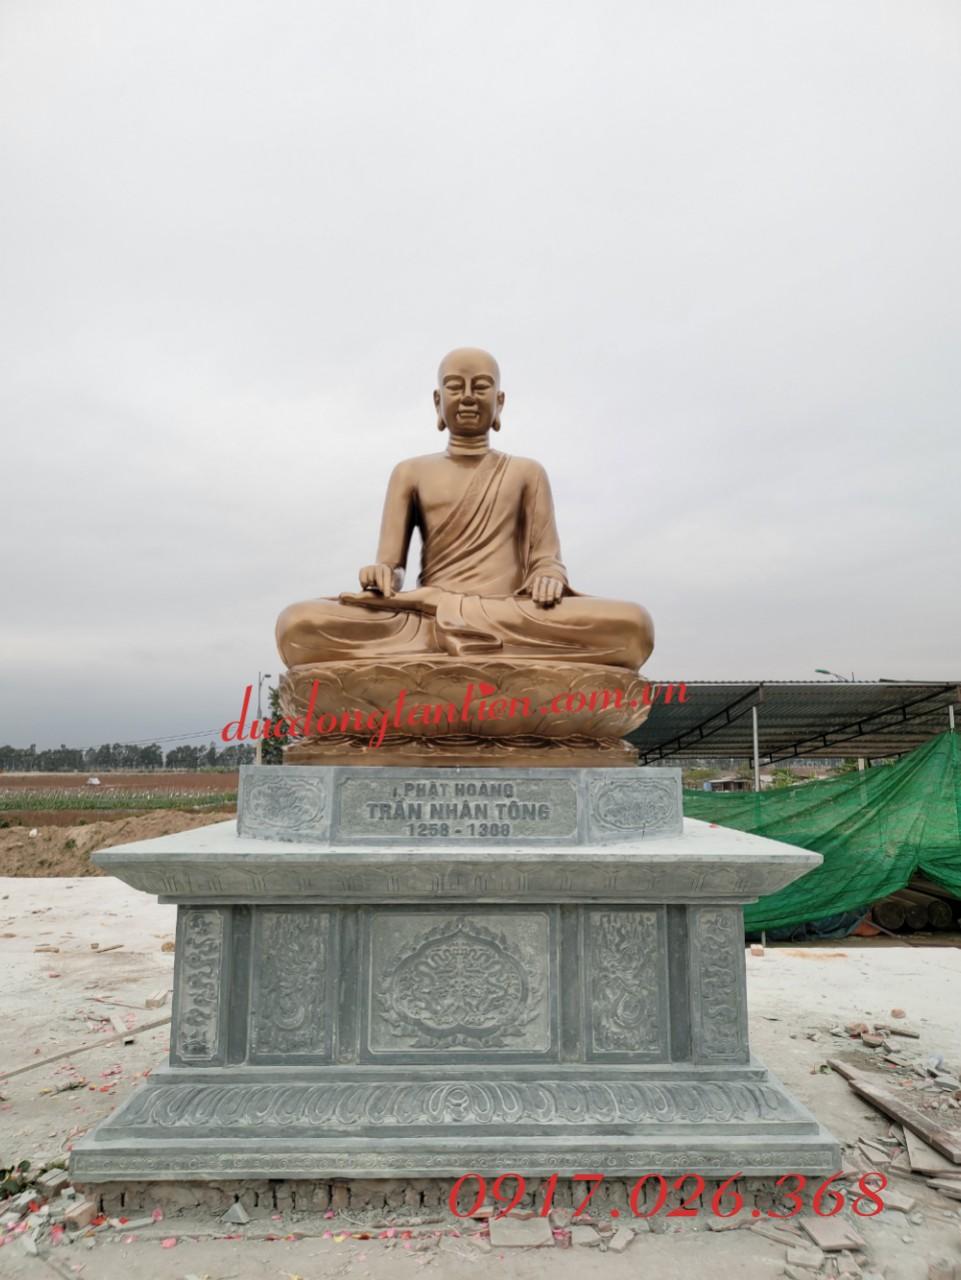 Tượng Phật Hoàng Trần Nhân Tông